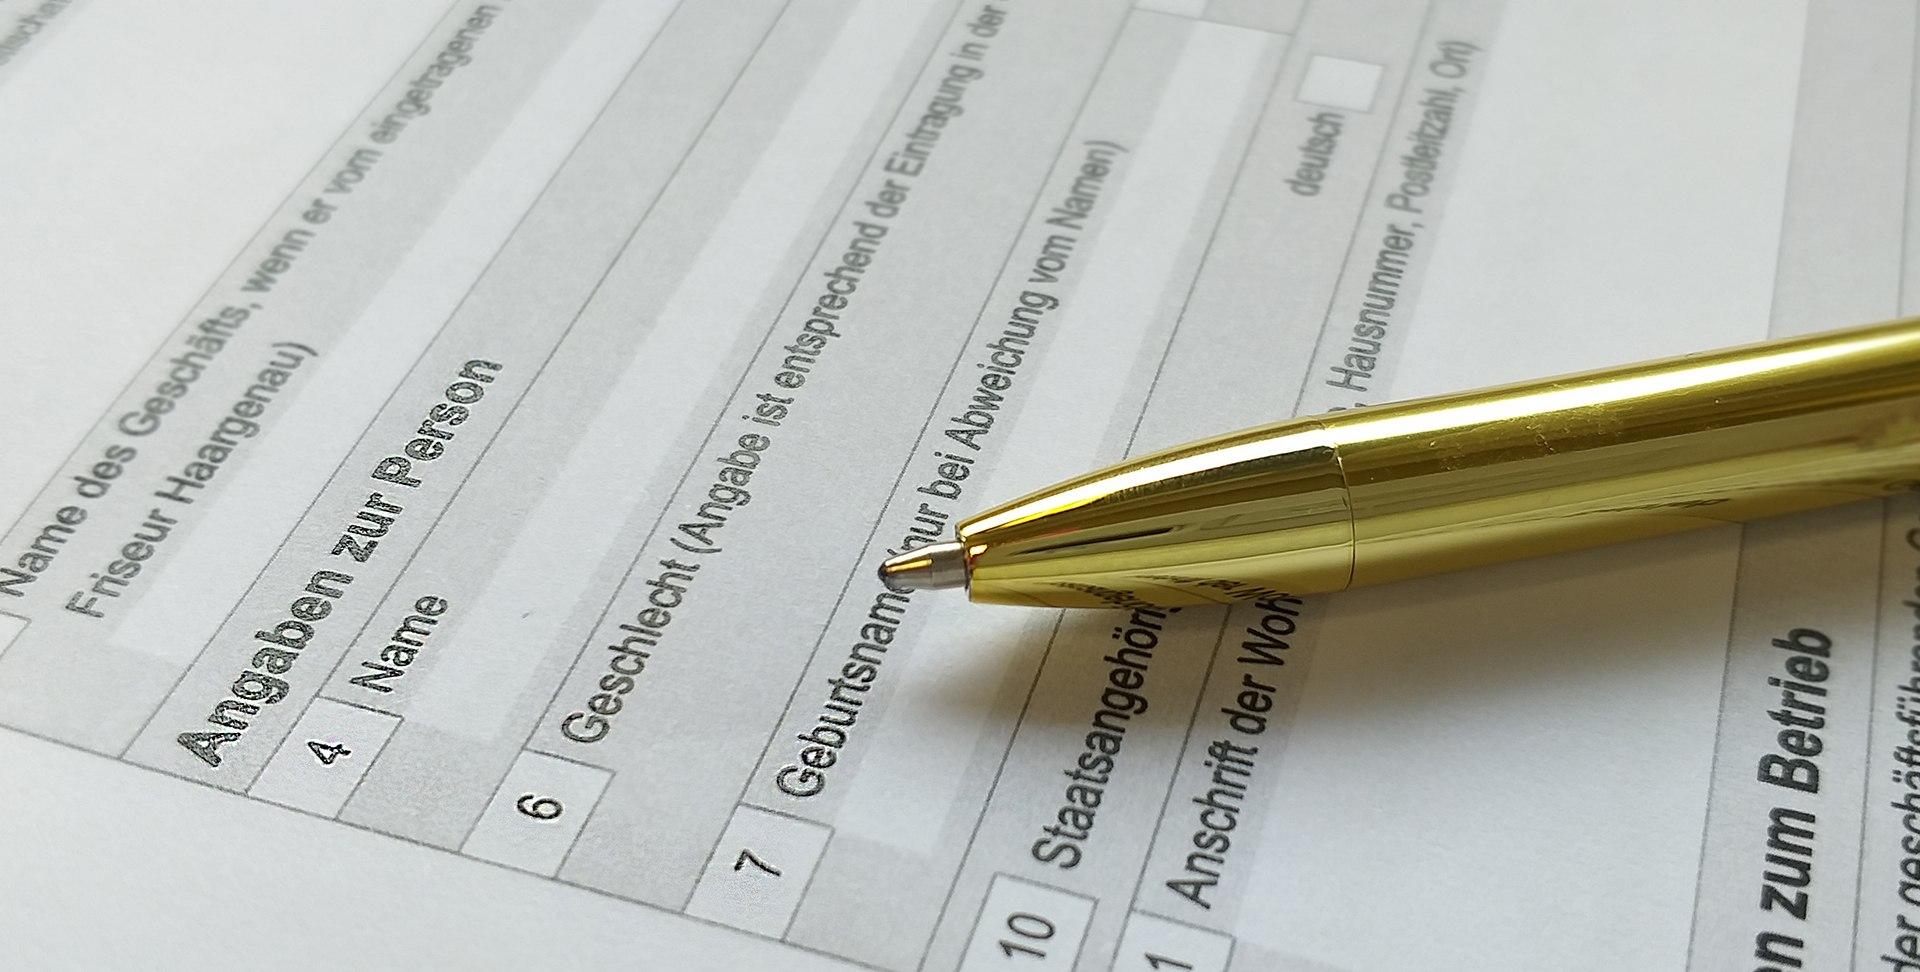 Formulare - Einfach und bequem von zu Hause aus, © Gemeinde Grainau / E. Reindl